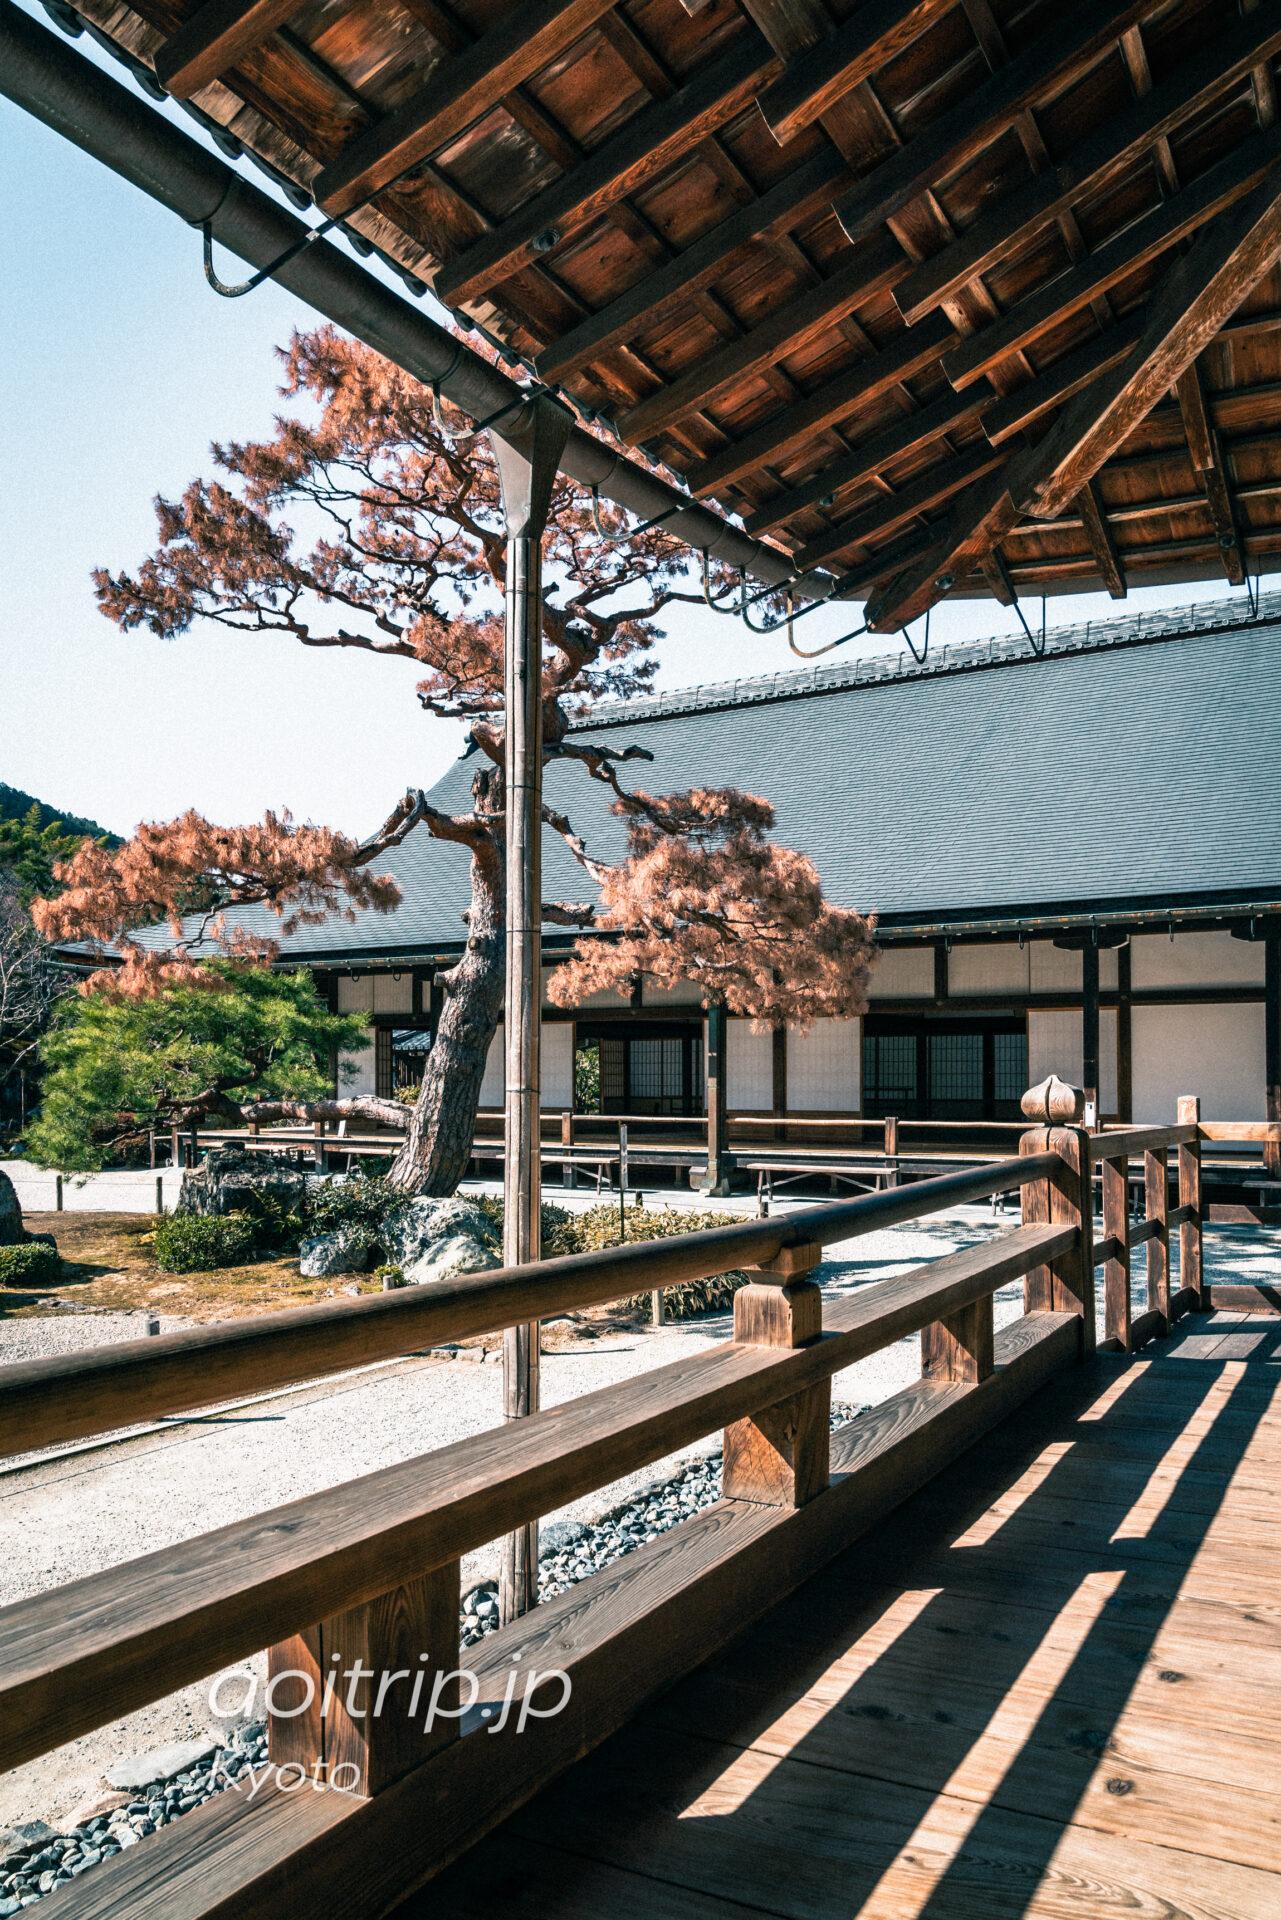 世界文化遺産 京都嵐山の天龍寺